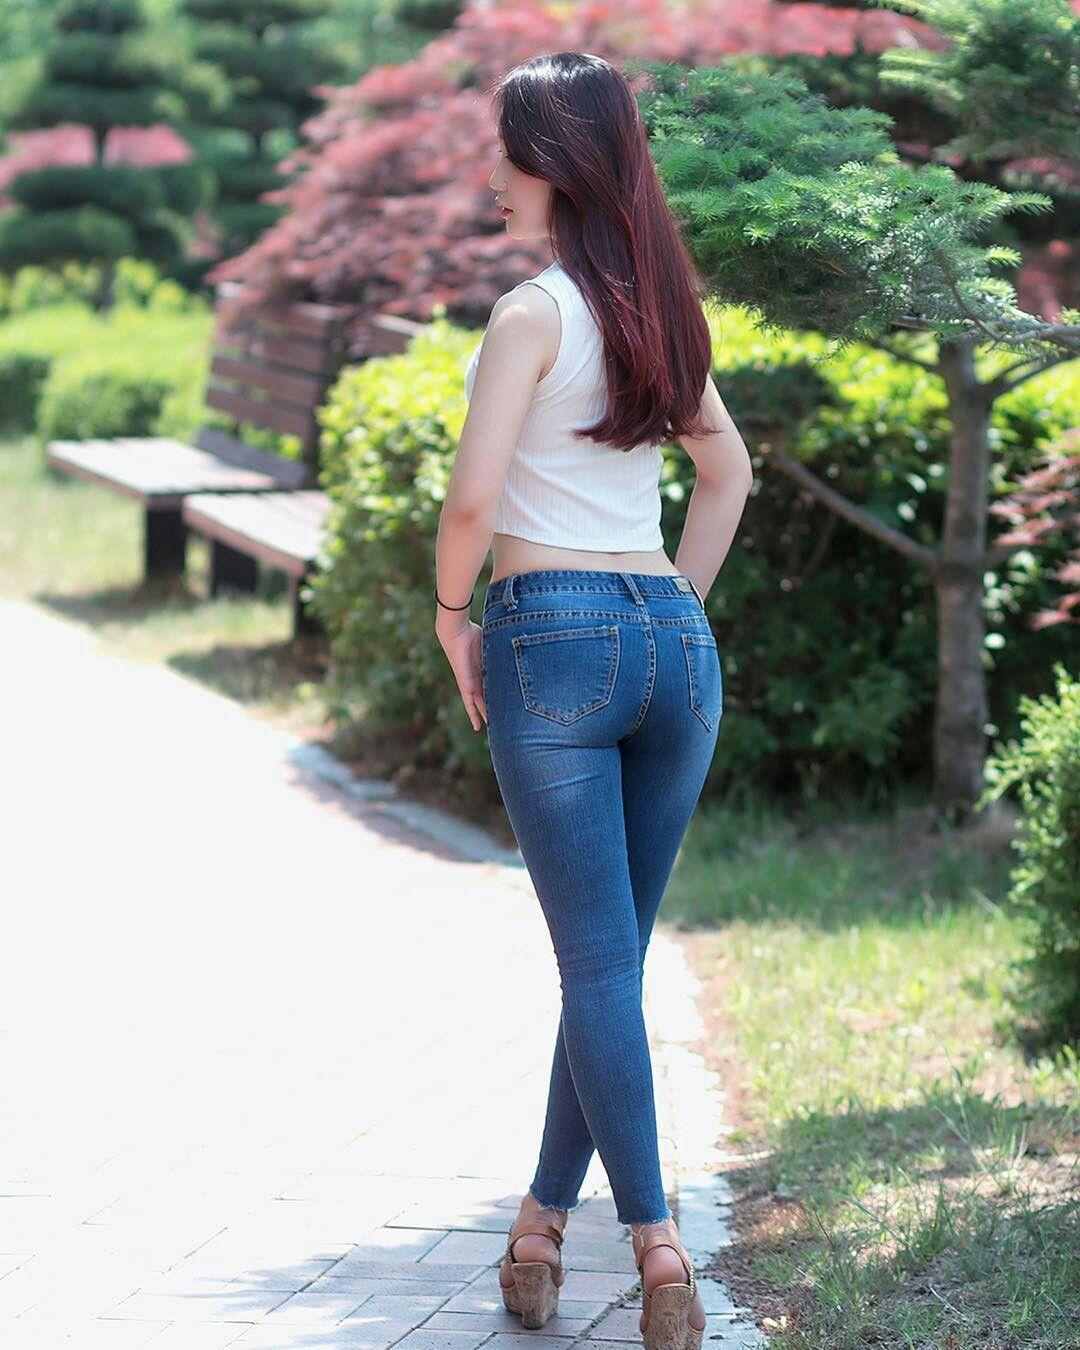 Японские попки в джинсах фото — 11